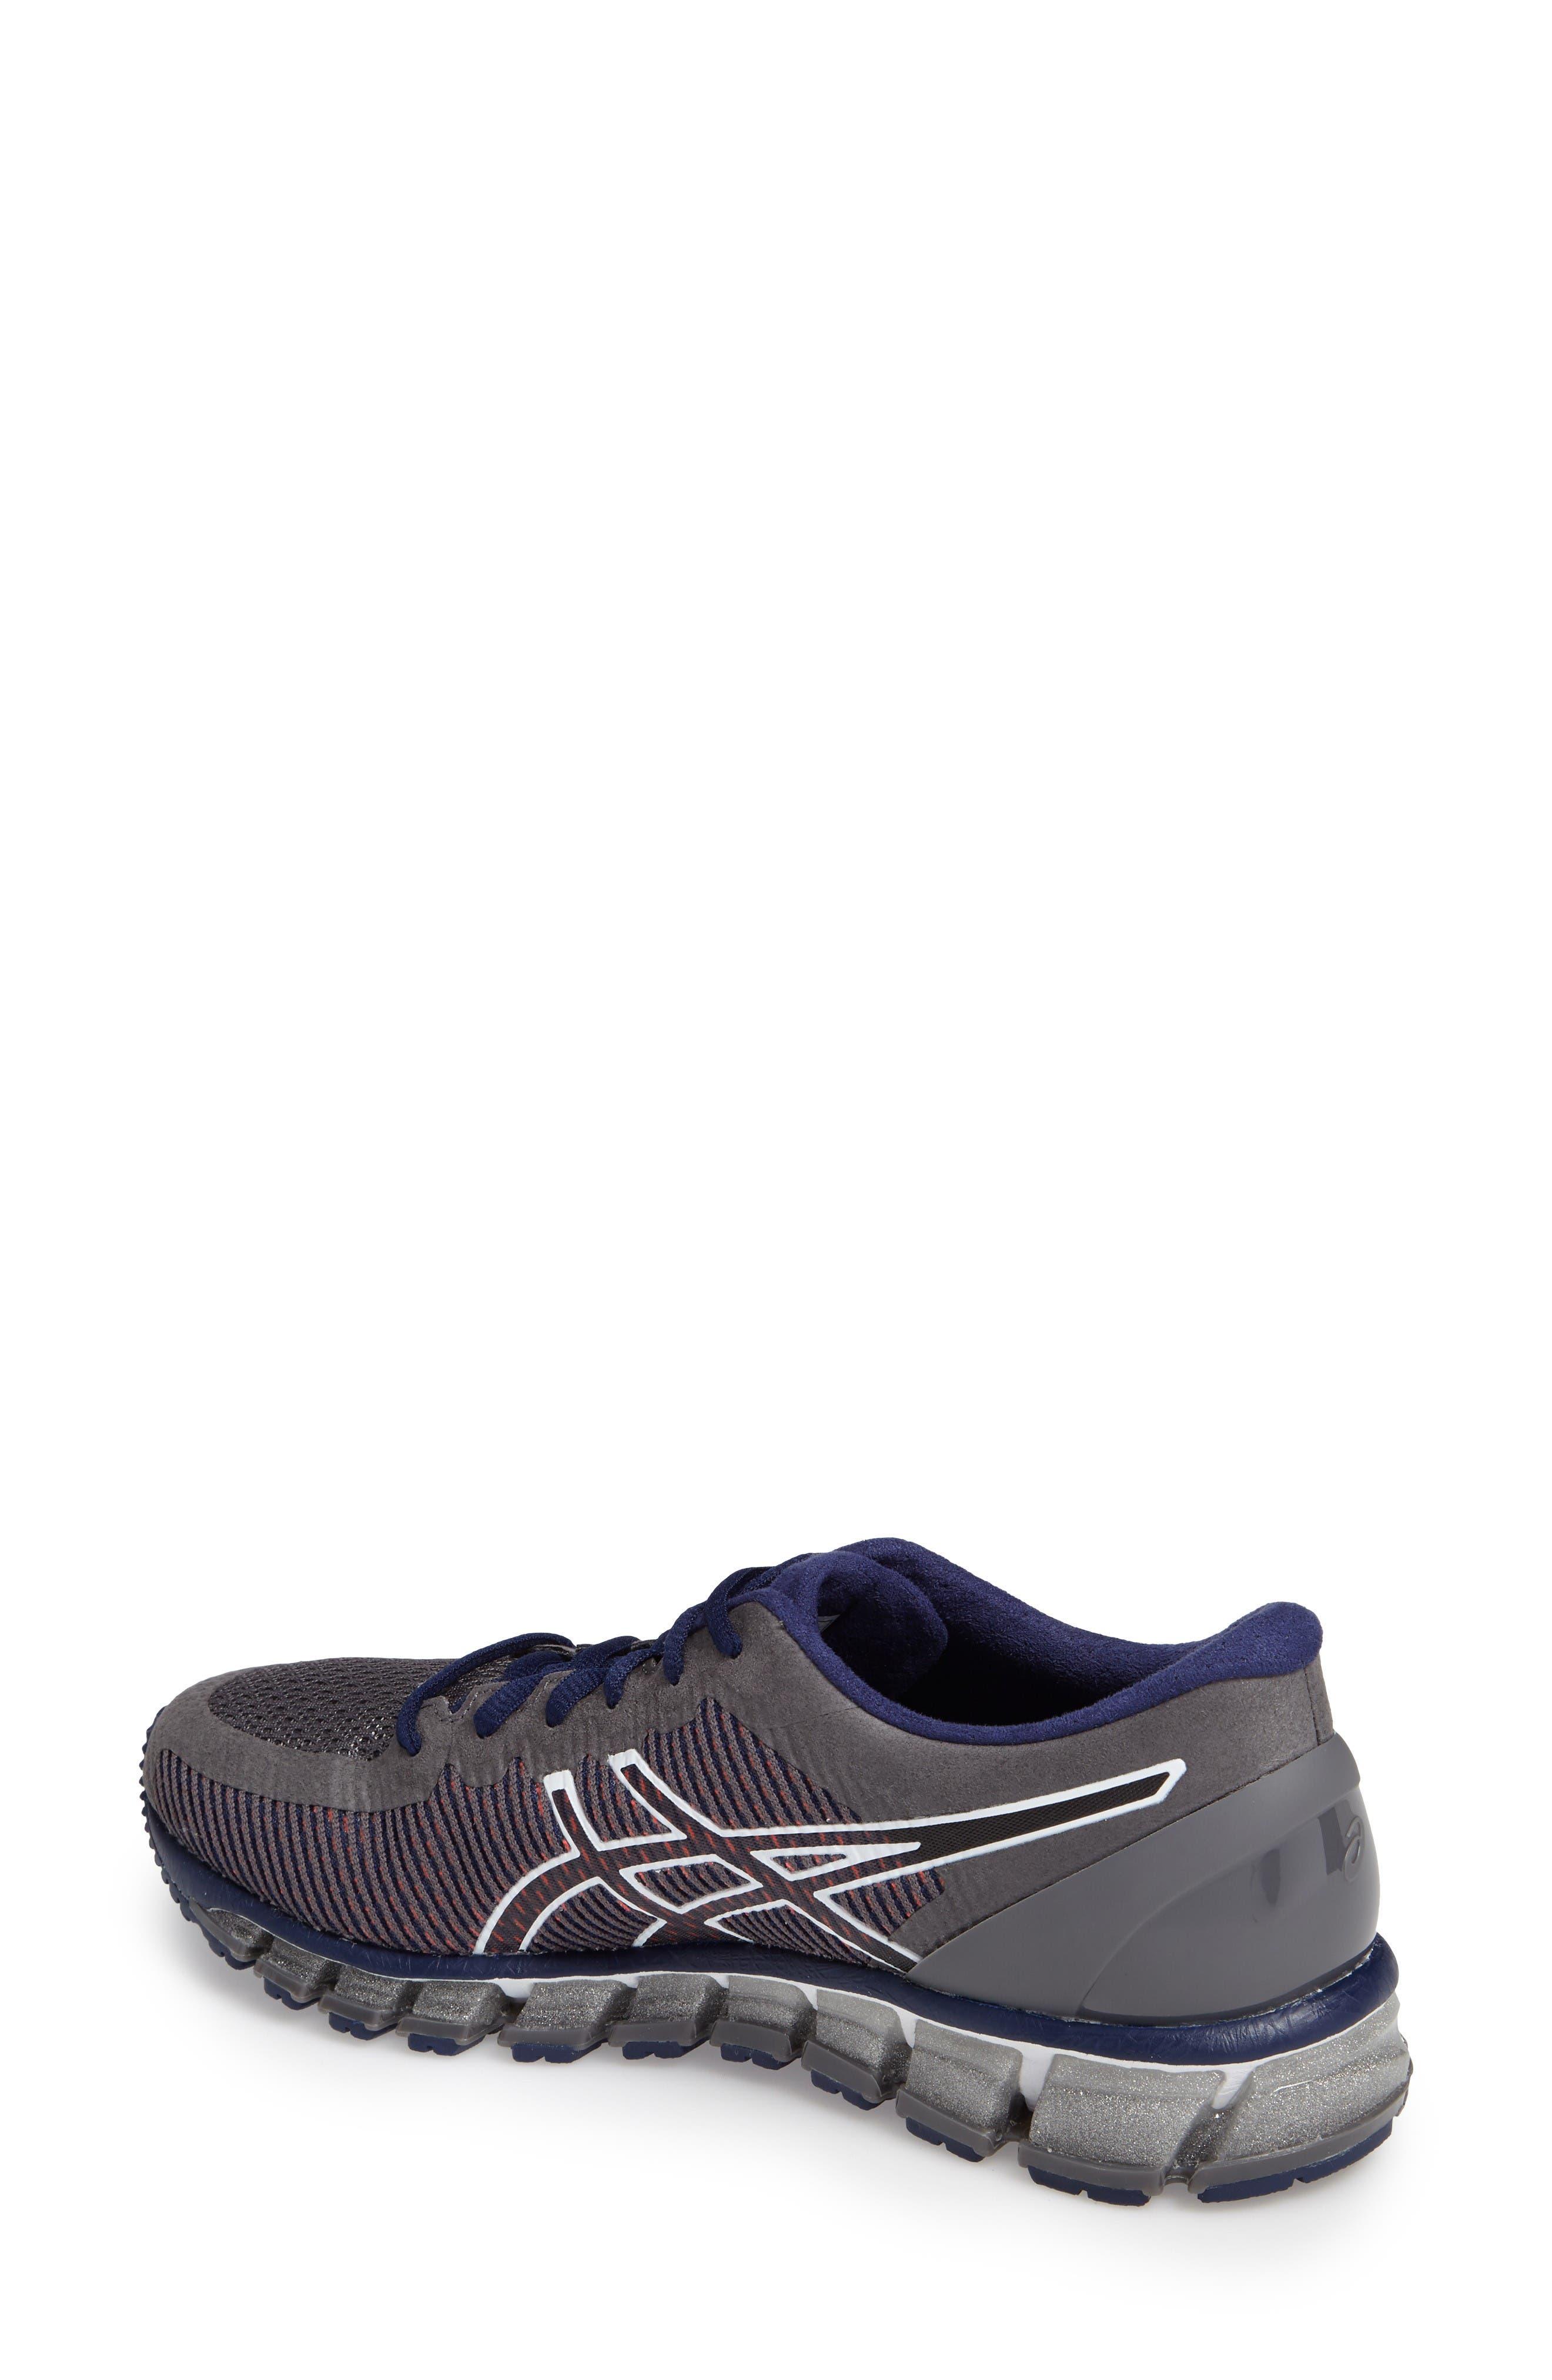 Alternate Image 2  - ASICS® 'GEL-Quantum 360' Running Shoe (Men)